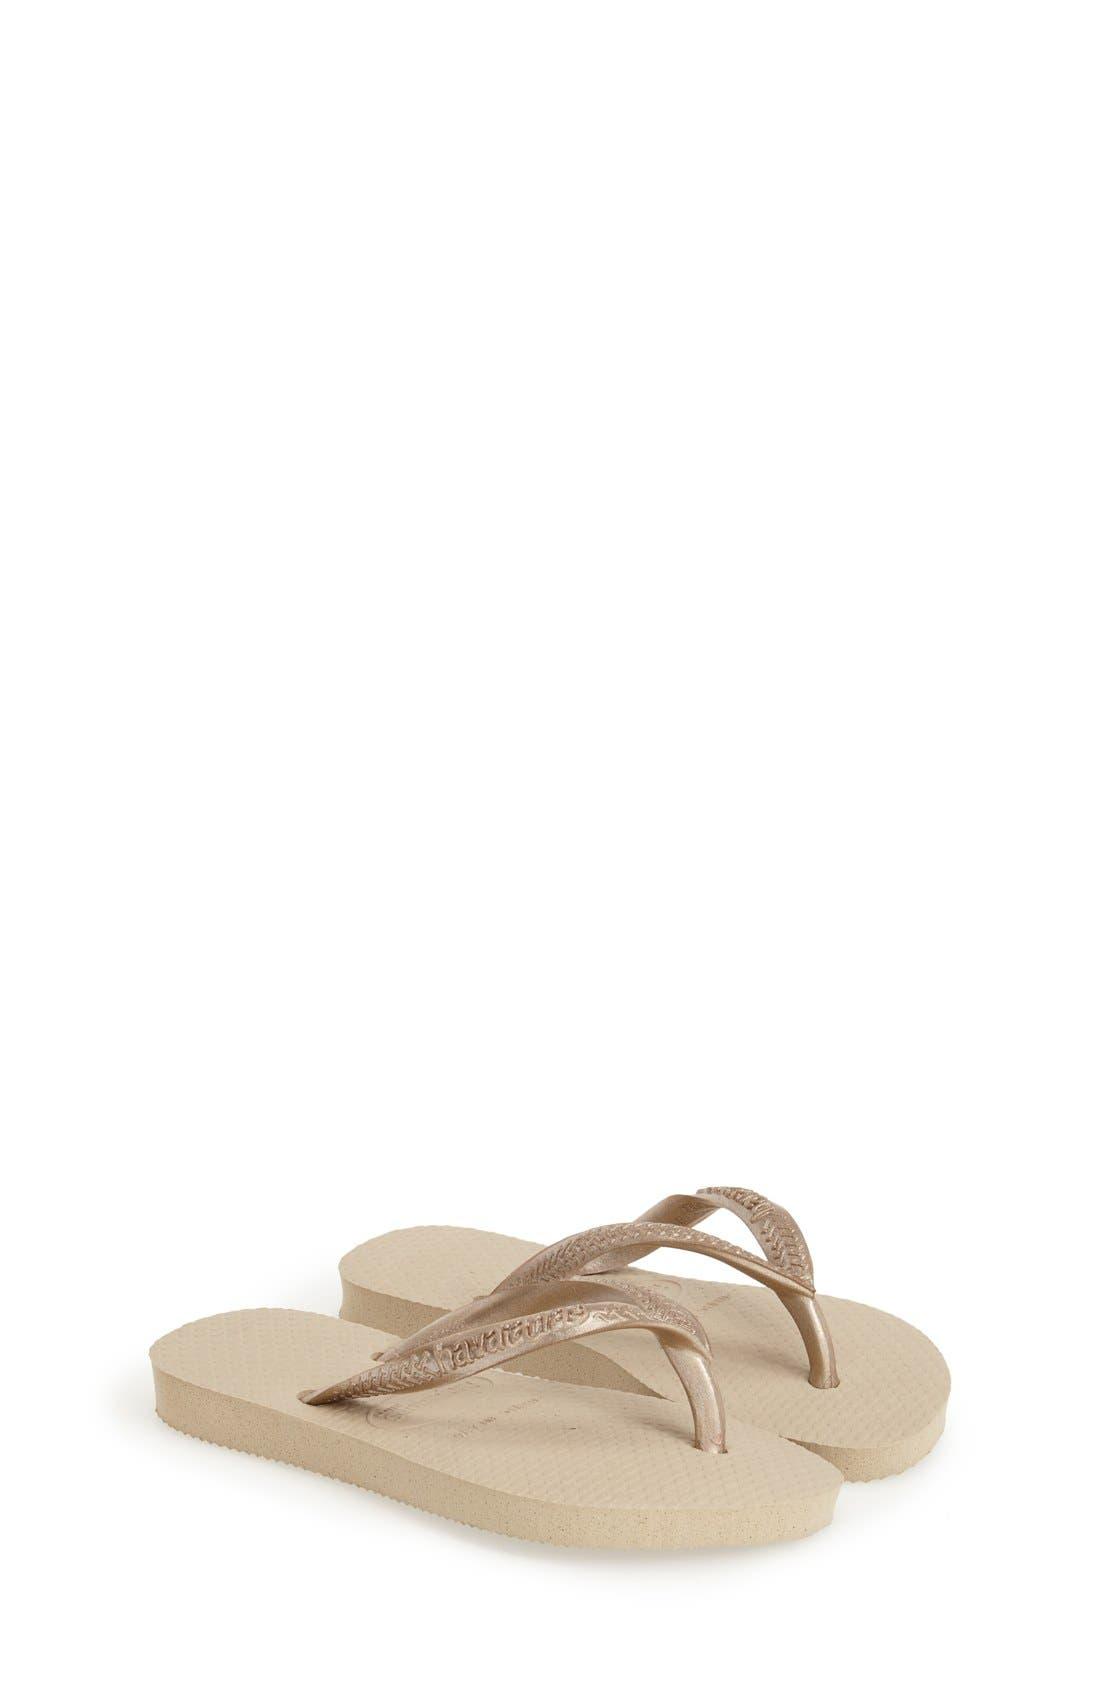 'Slim' Flip Flop,                         Main,                         color, Sand/ Light Gold